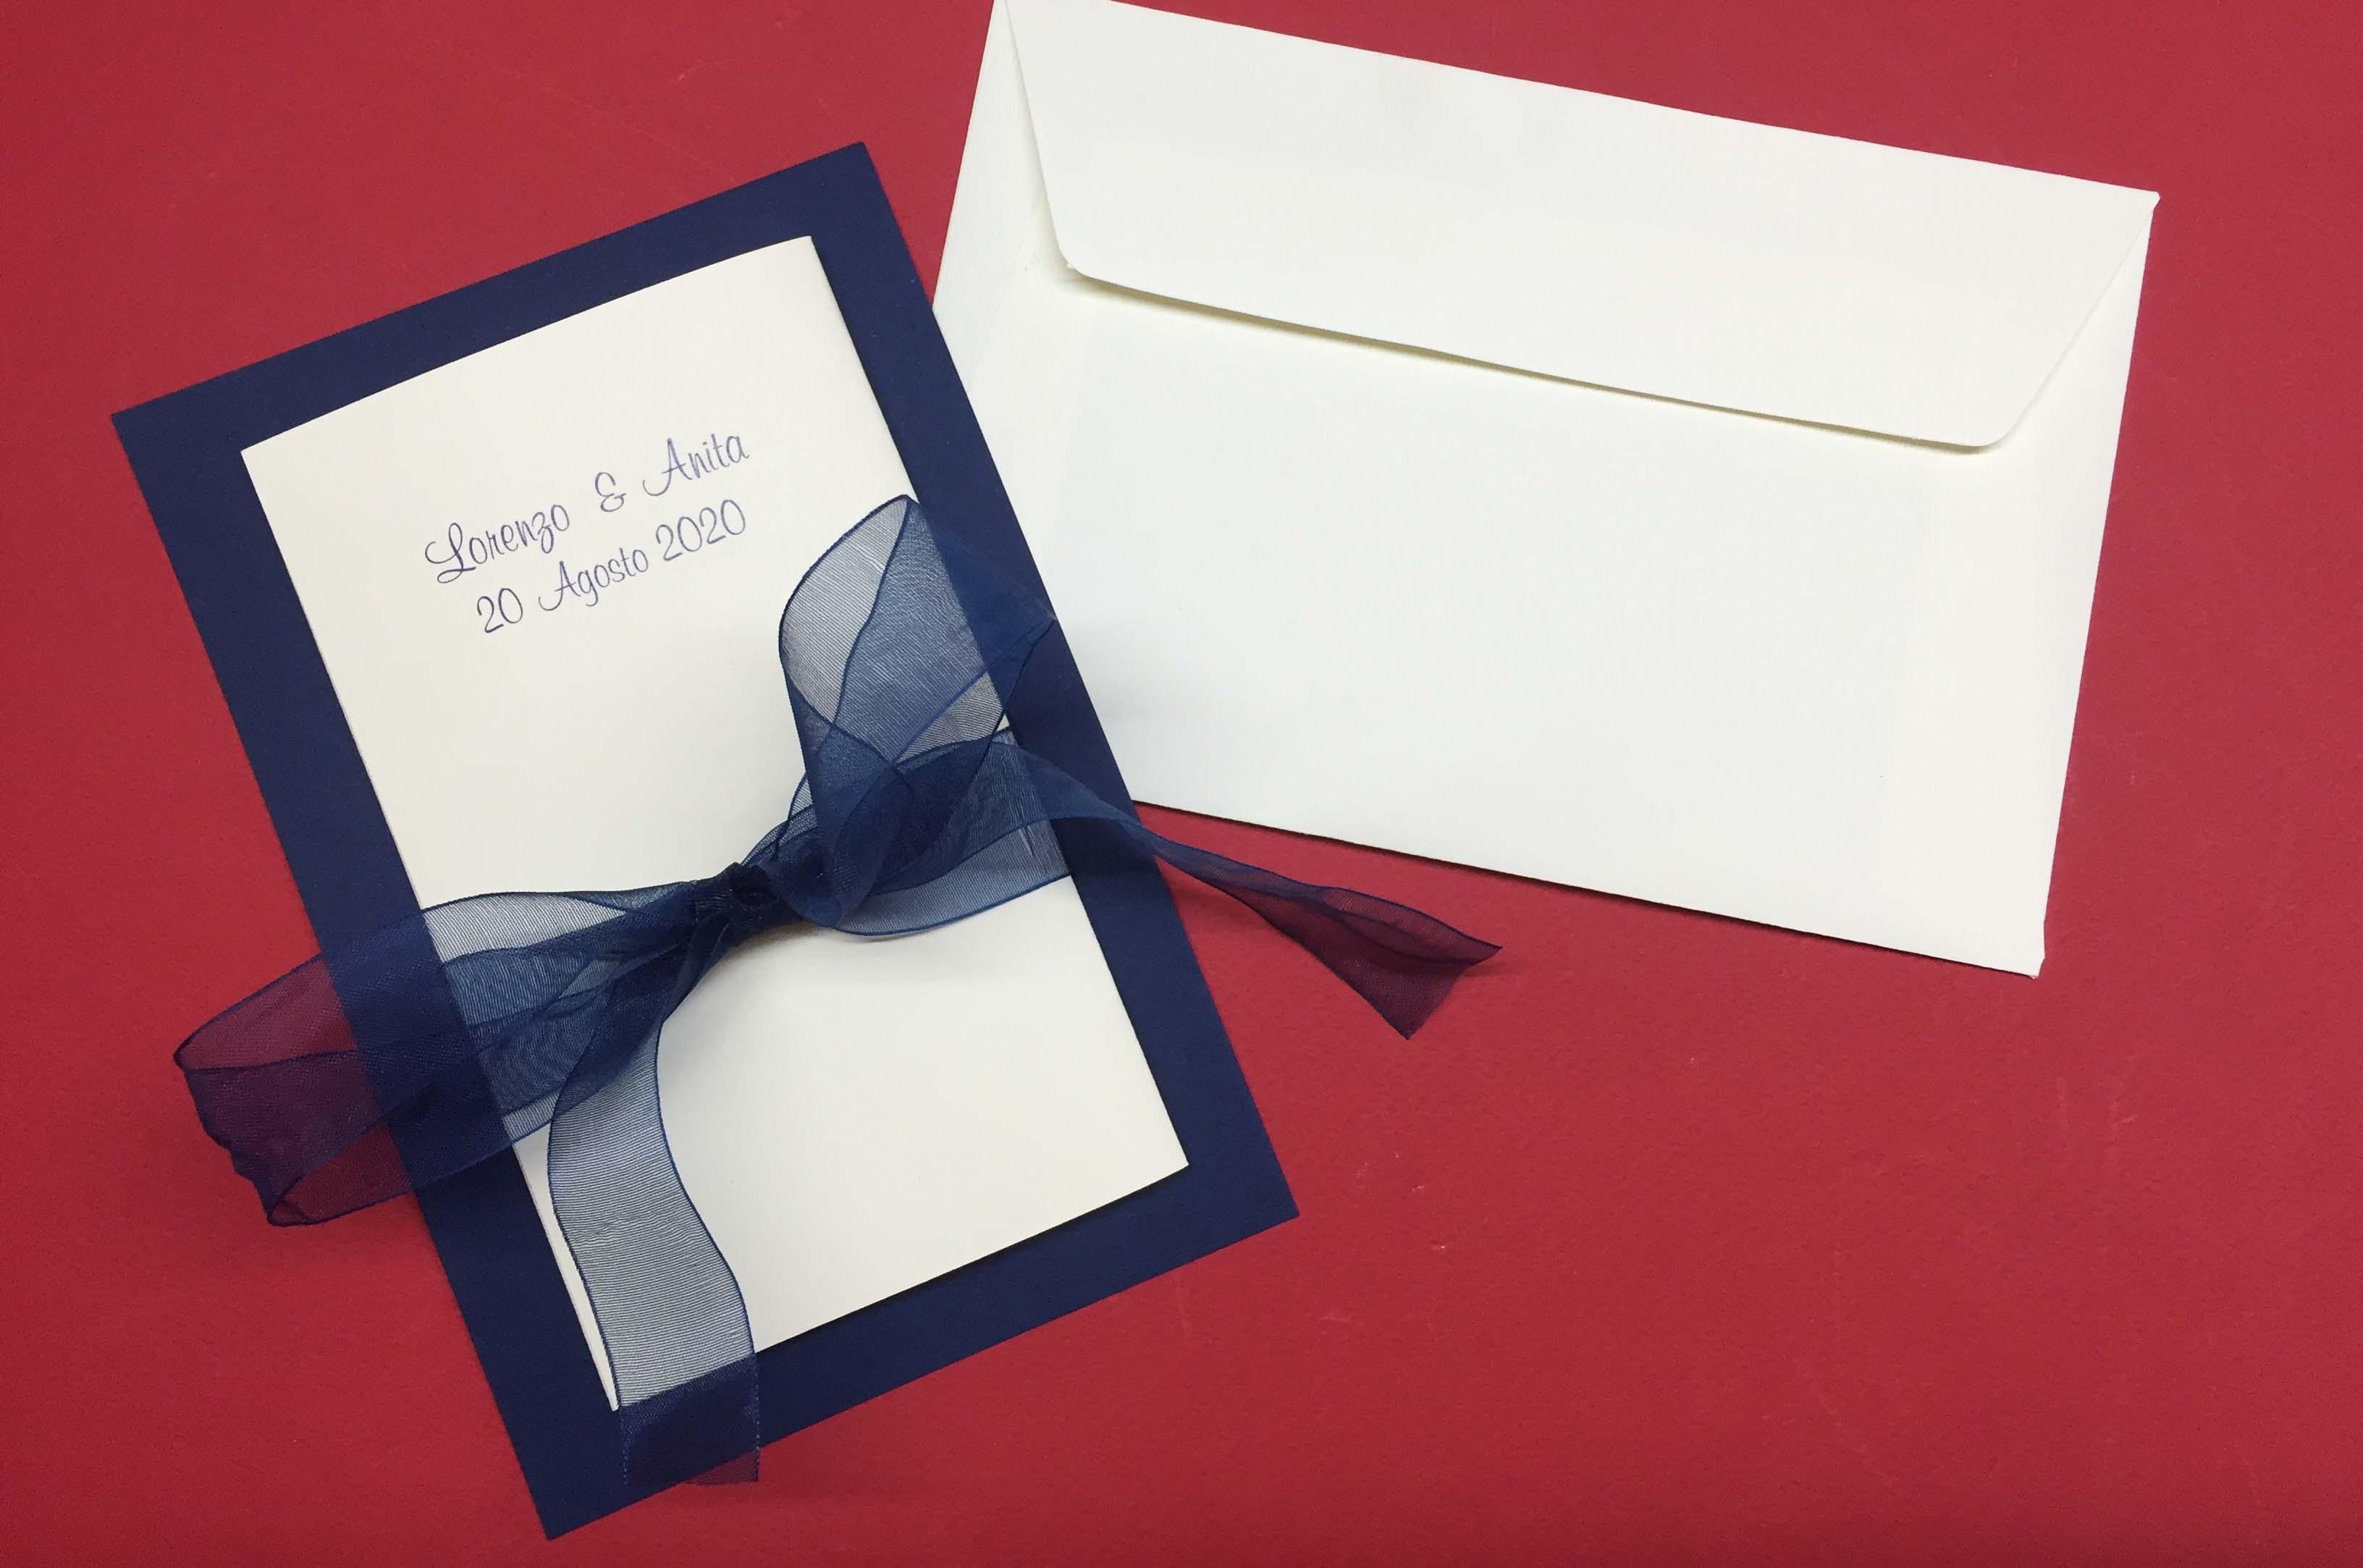 Partecipazioni Matrimonio Azzurro : Partecipazioni nozze set partecipazione nozze